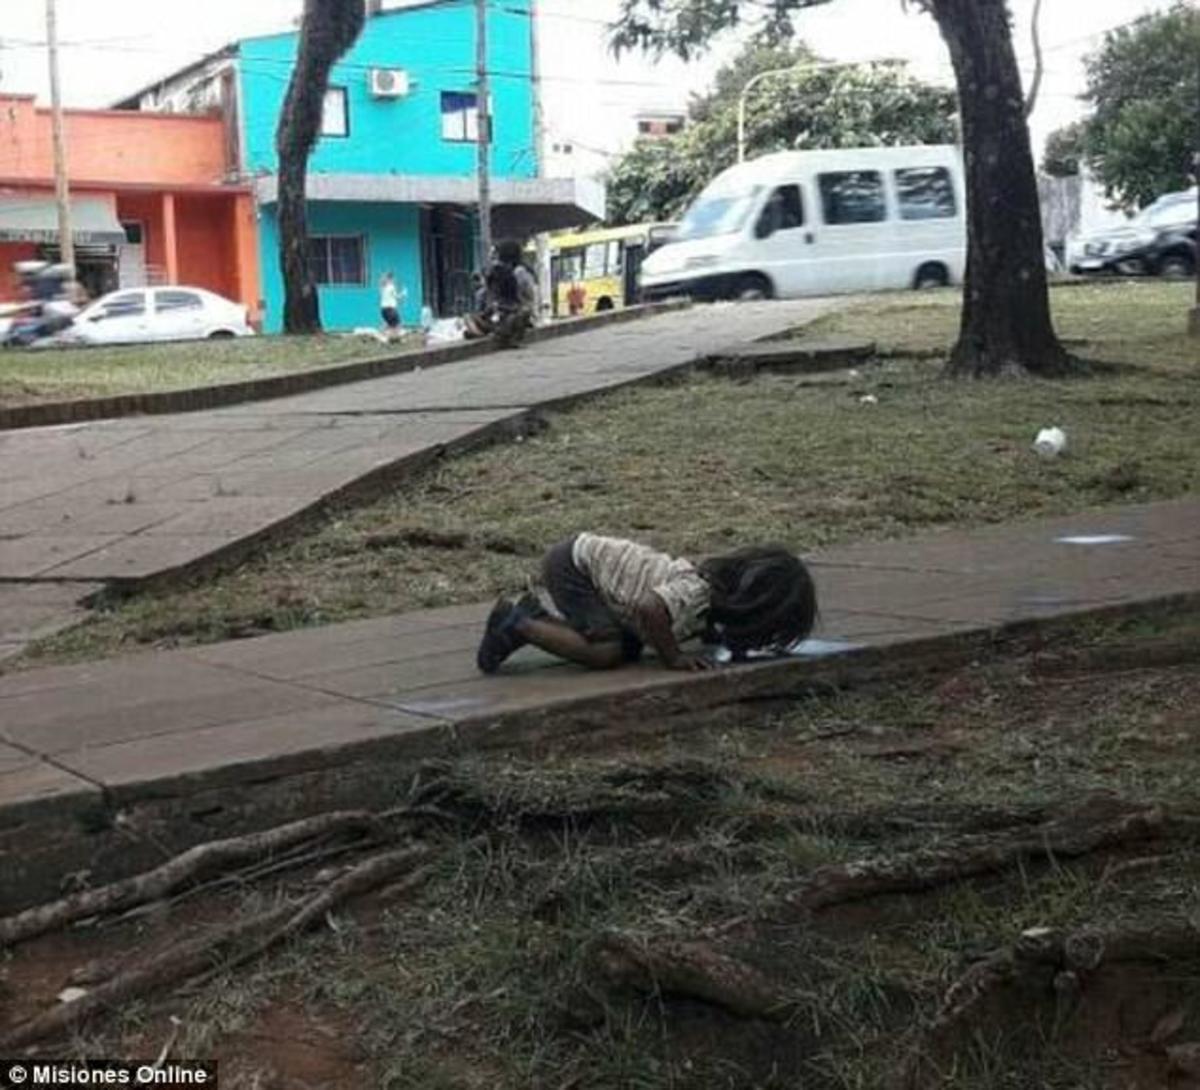 Το κοριτσάκι που πίνει νερό από το έδαφος! Εικόνα που σοκάρει | Newsit.gr